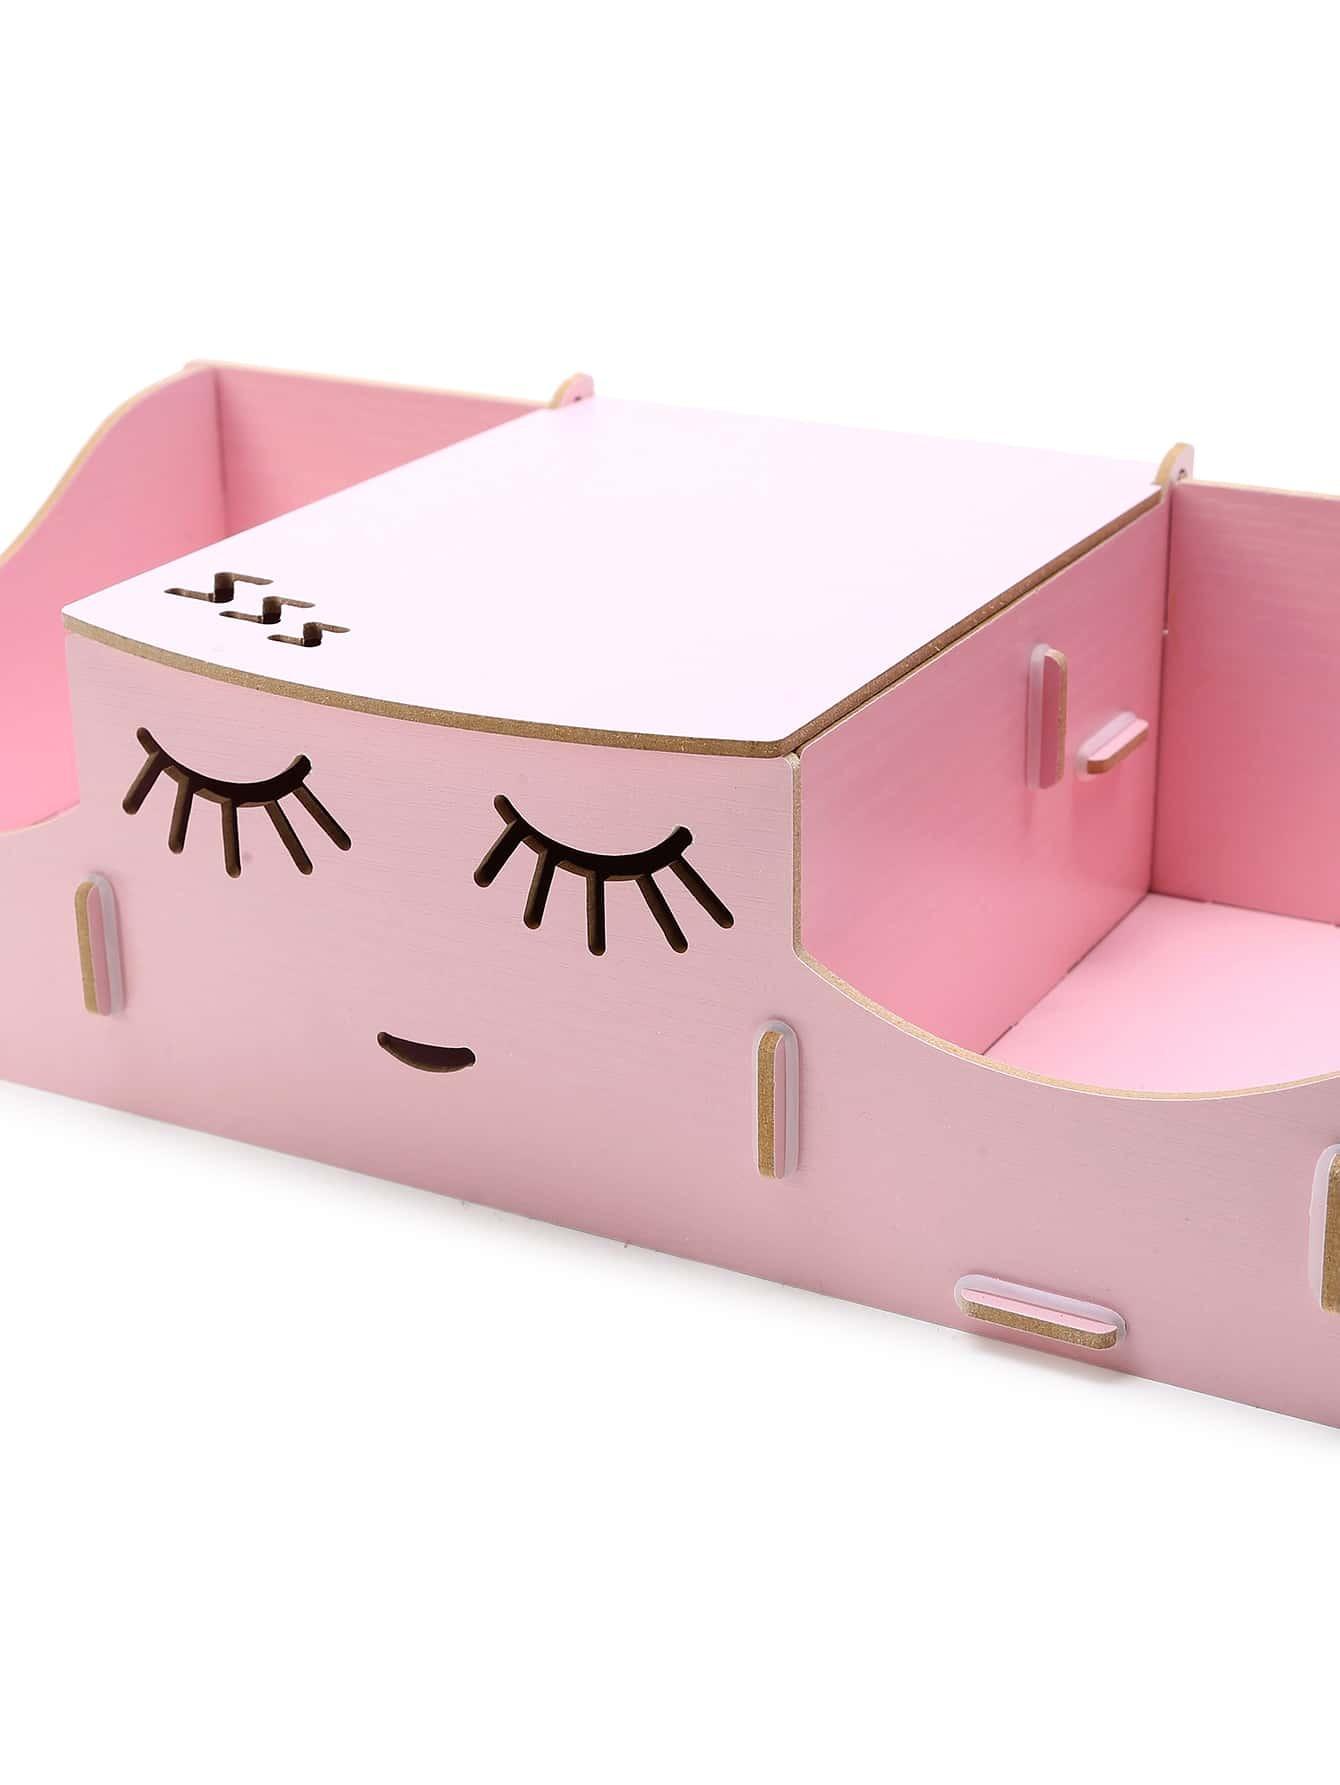 makeupbag170316302_2